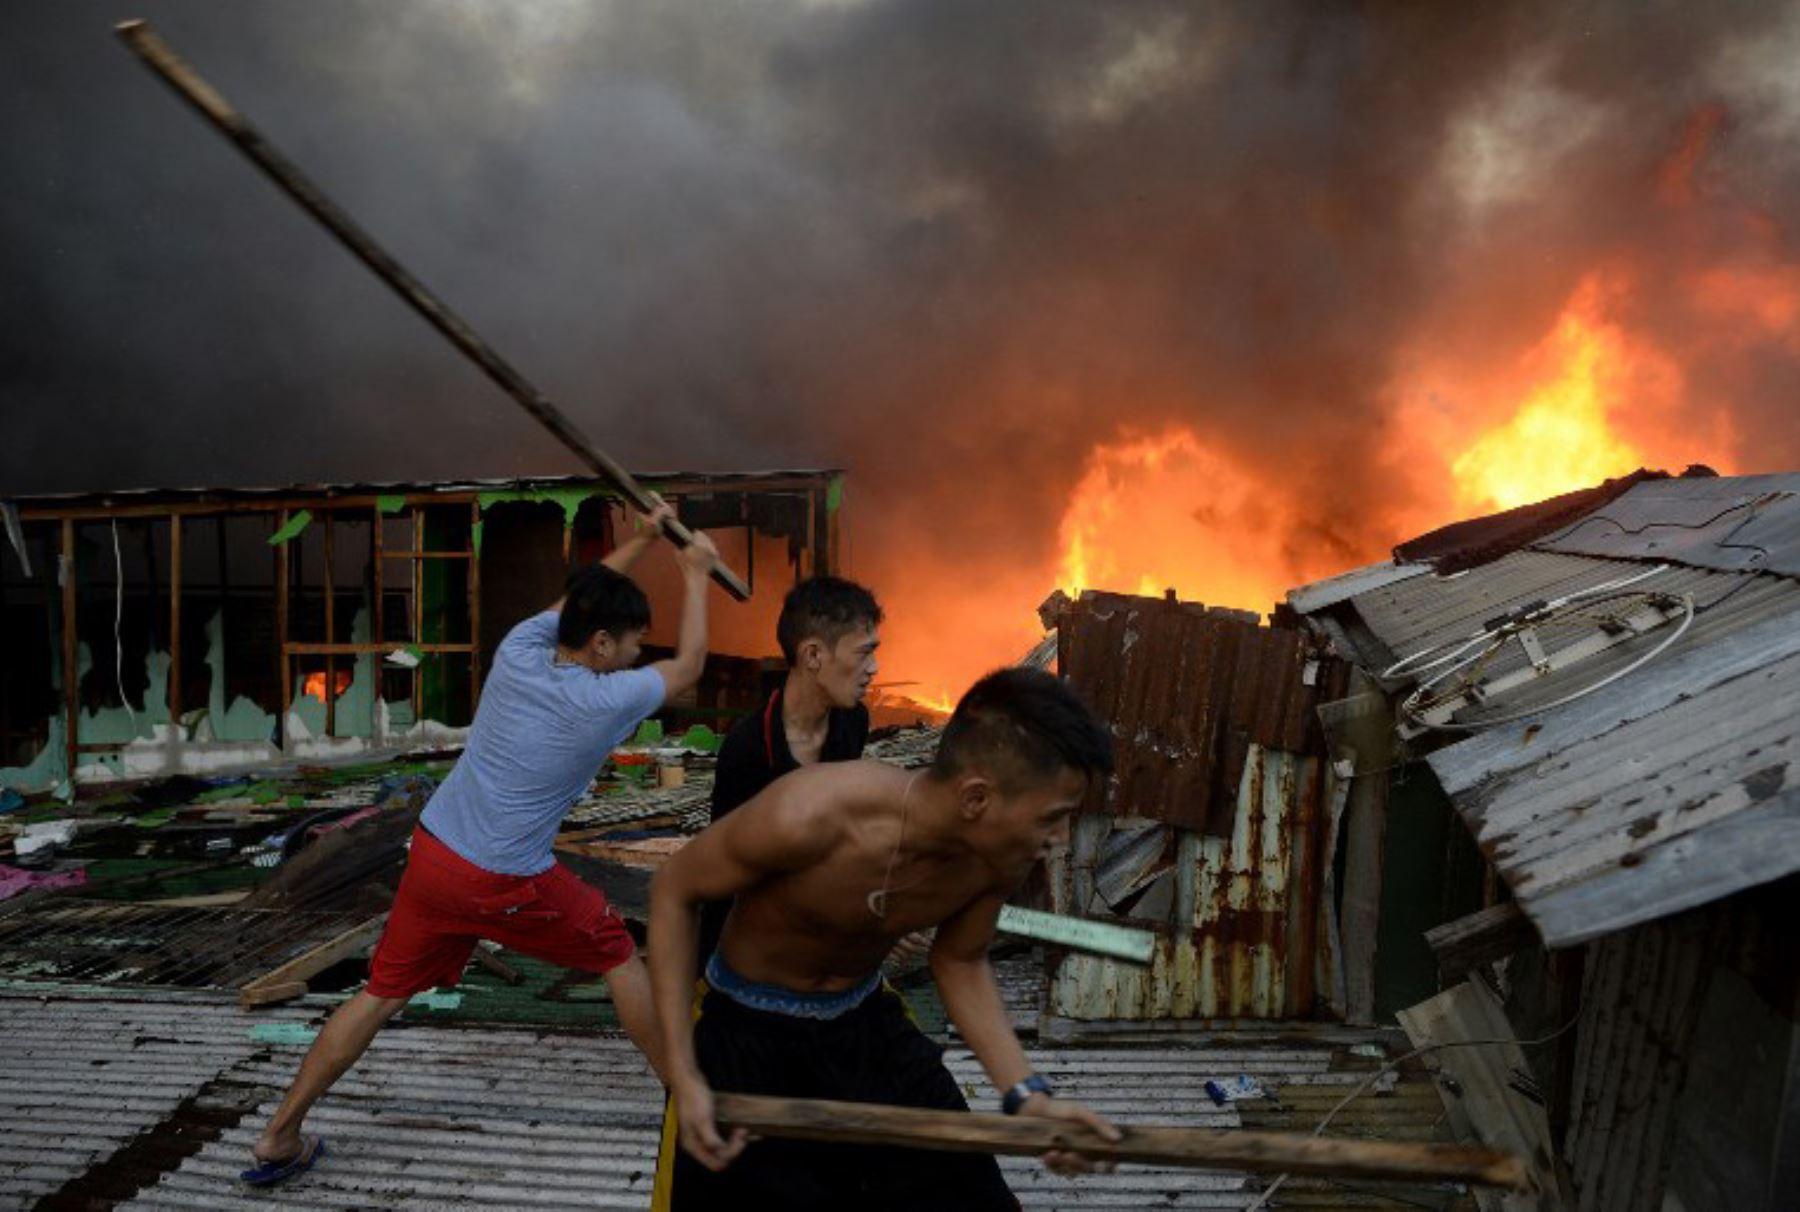 800 casas fueron destruidas, afectando a 1,600 familias en un incendio en Manila. Foto: AFP